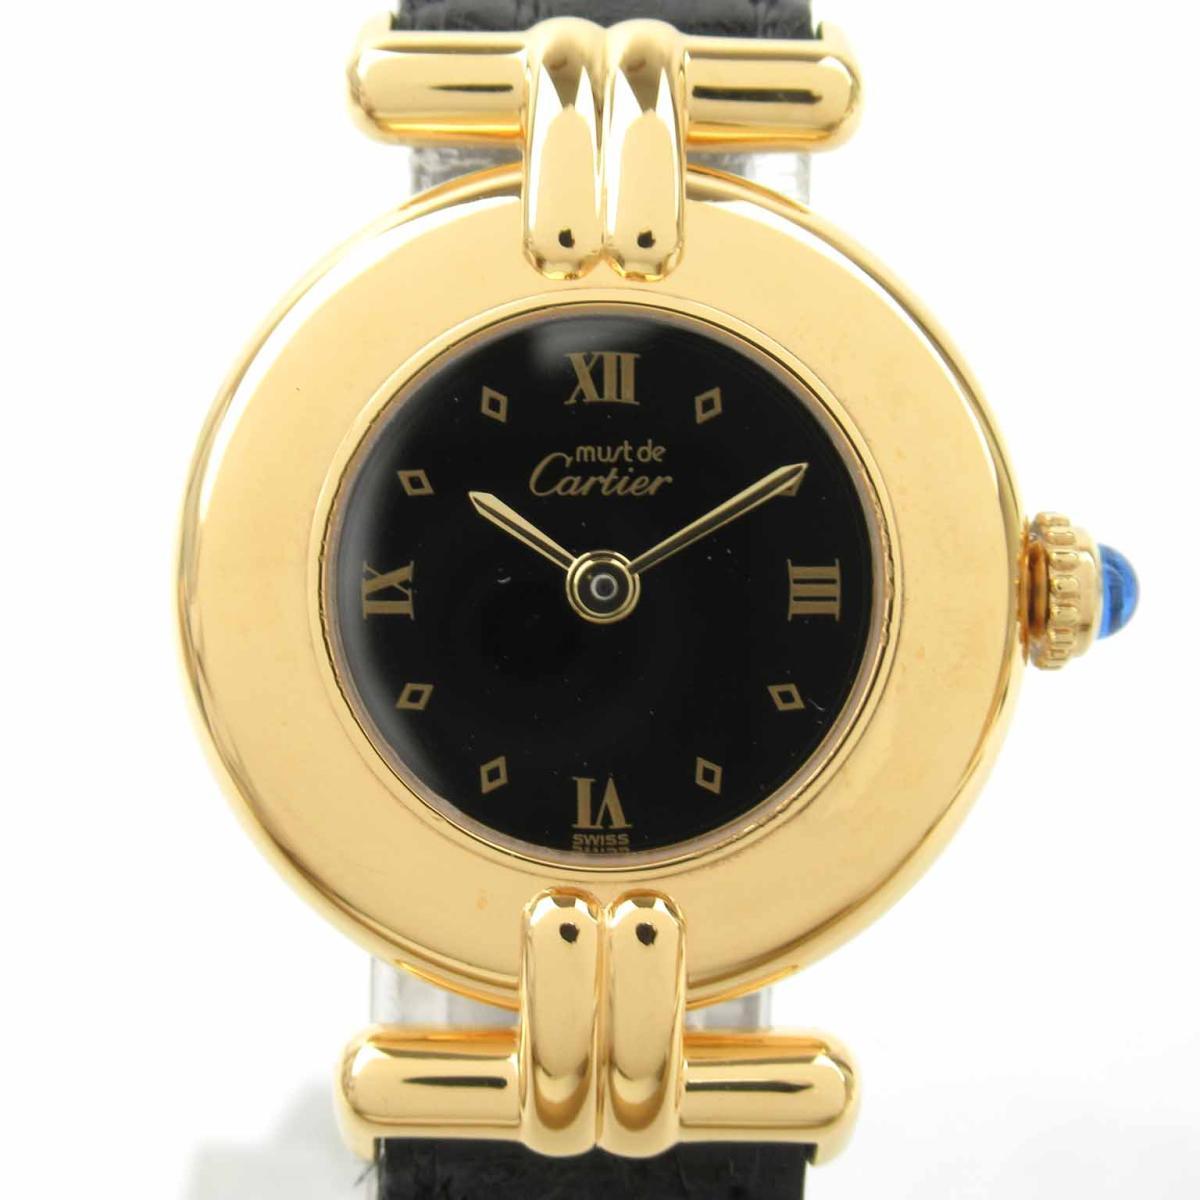 【中古】 カルティエ マストコリゼ ウォッチ 腕時計 レディース SV レザーベルト (590002) | Cartier BRANDOFF ブランドオフ ブランド ブランド時計 ブランド腕時計 時計